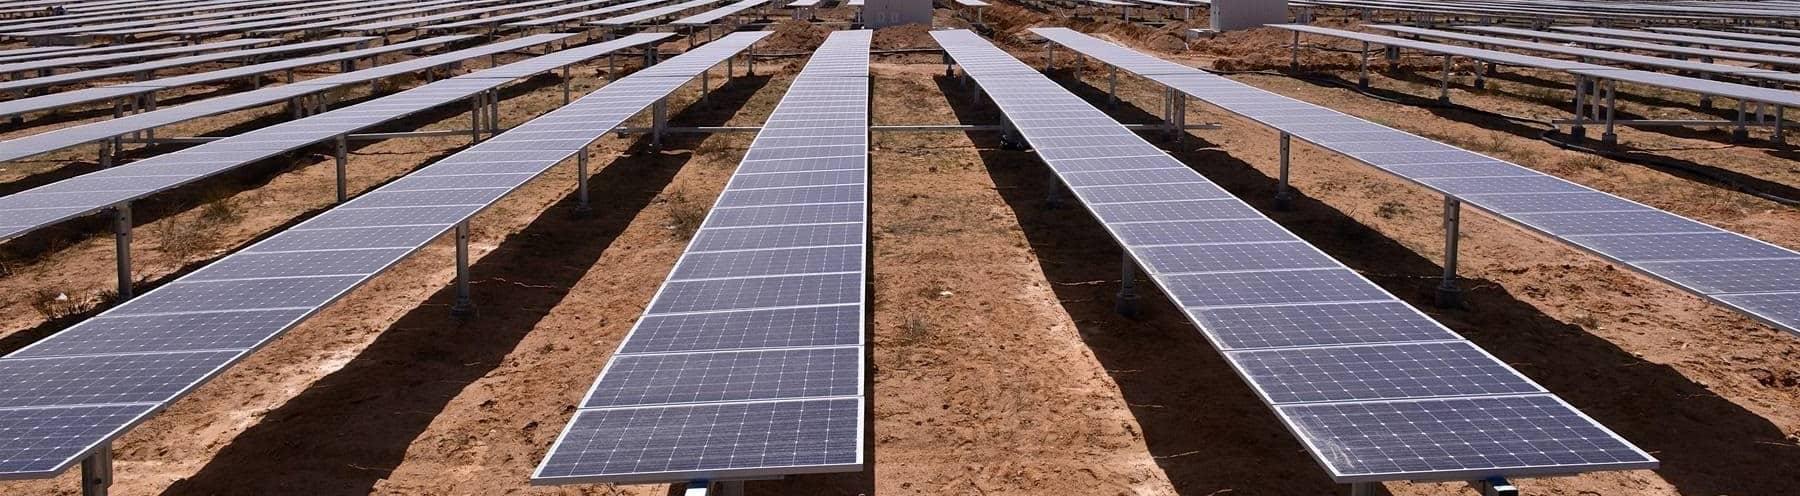 parque-solar-fotovoltaica-m